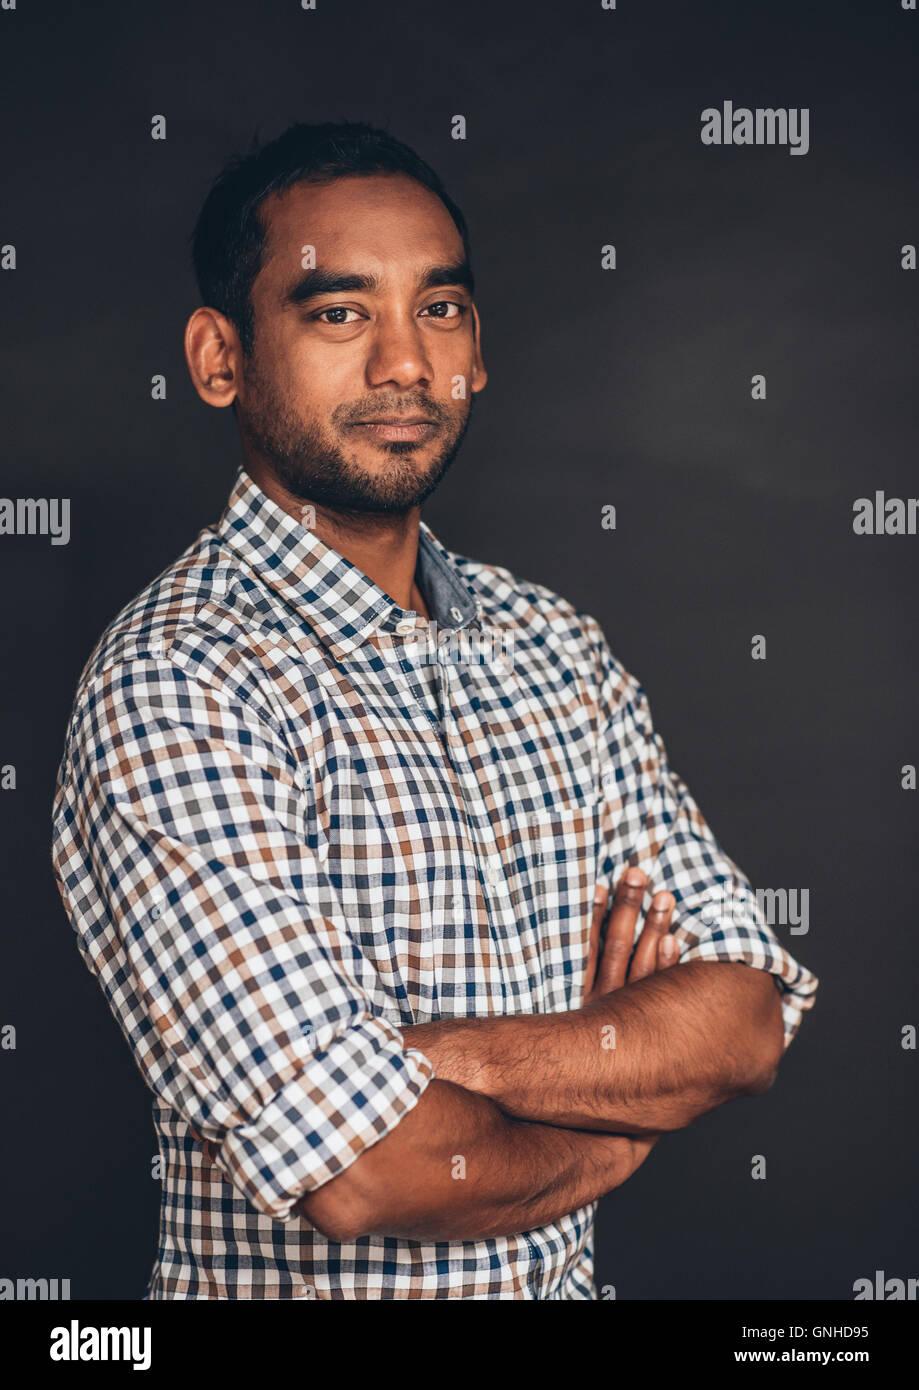 Portrait of entrepreneurial spirit - Stock Image